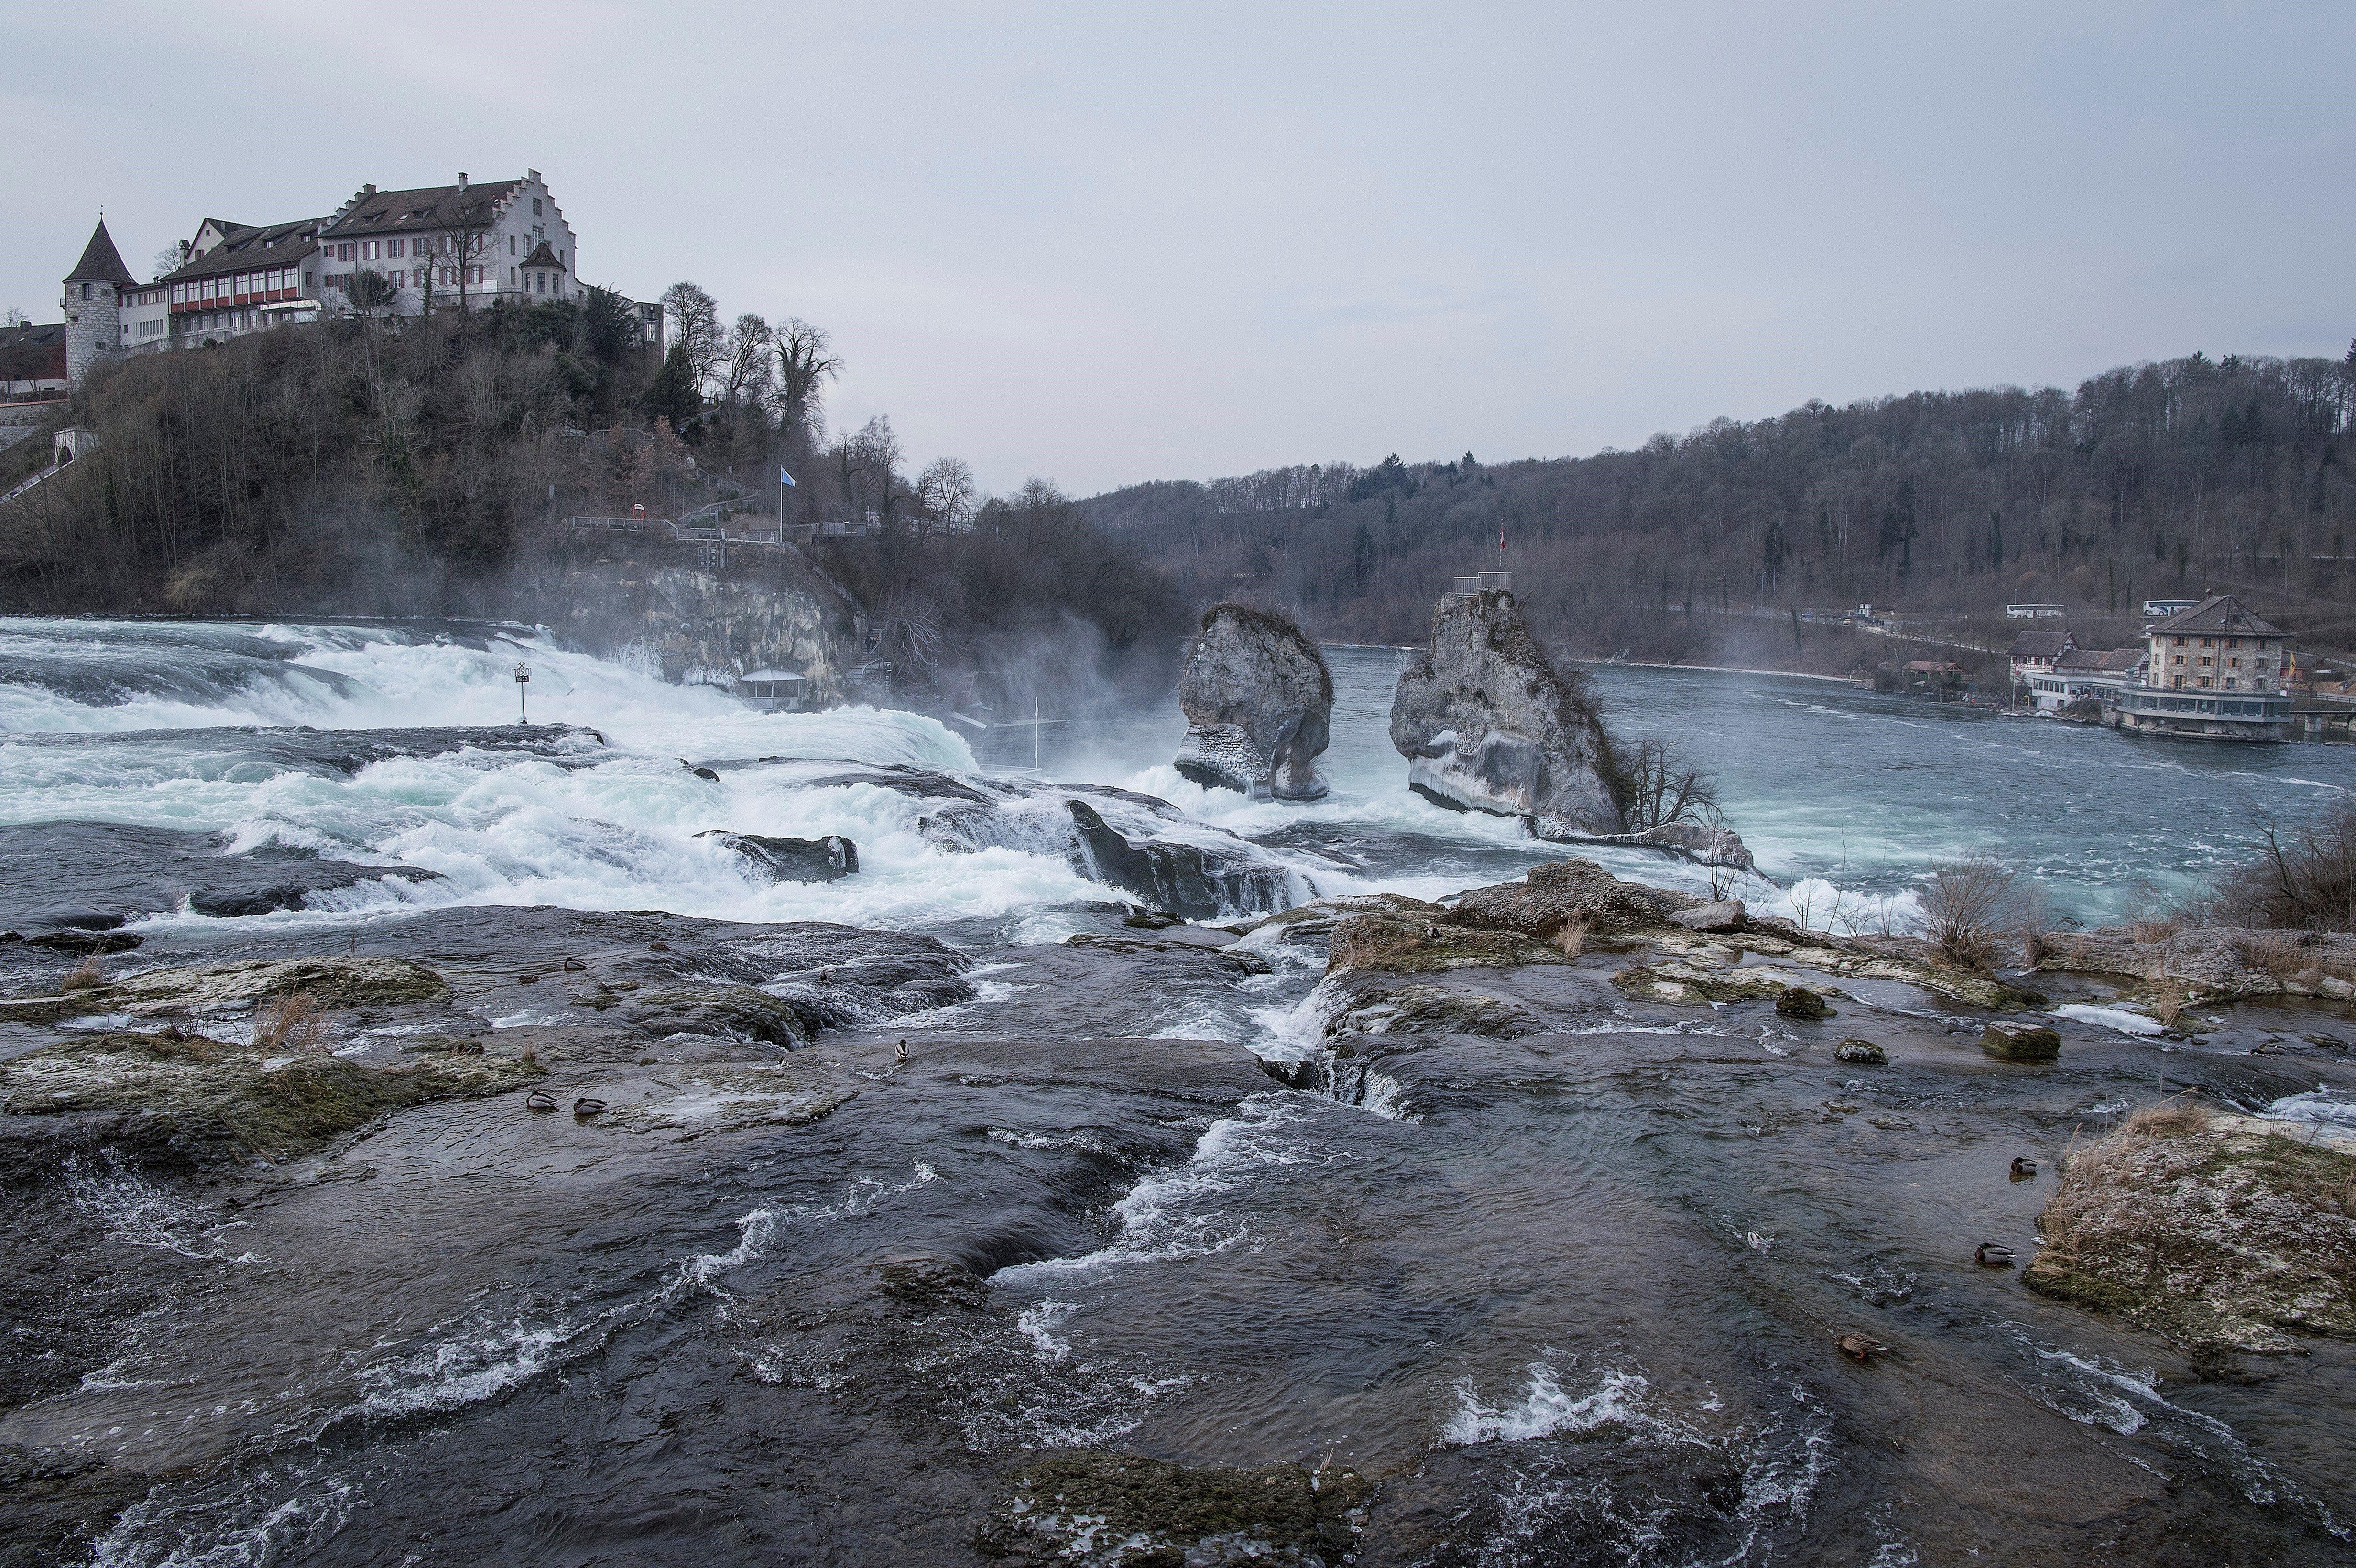 Les cascades del Rin parcialment congelades, a Suïssa. /MELANIE DUCHENE